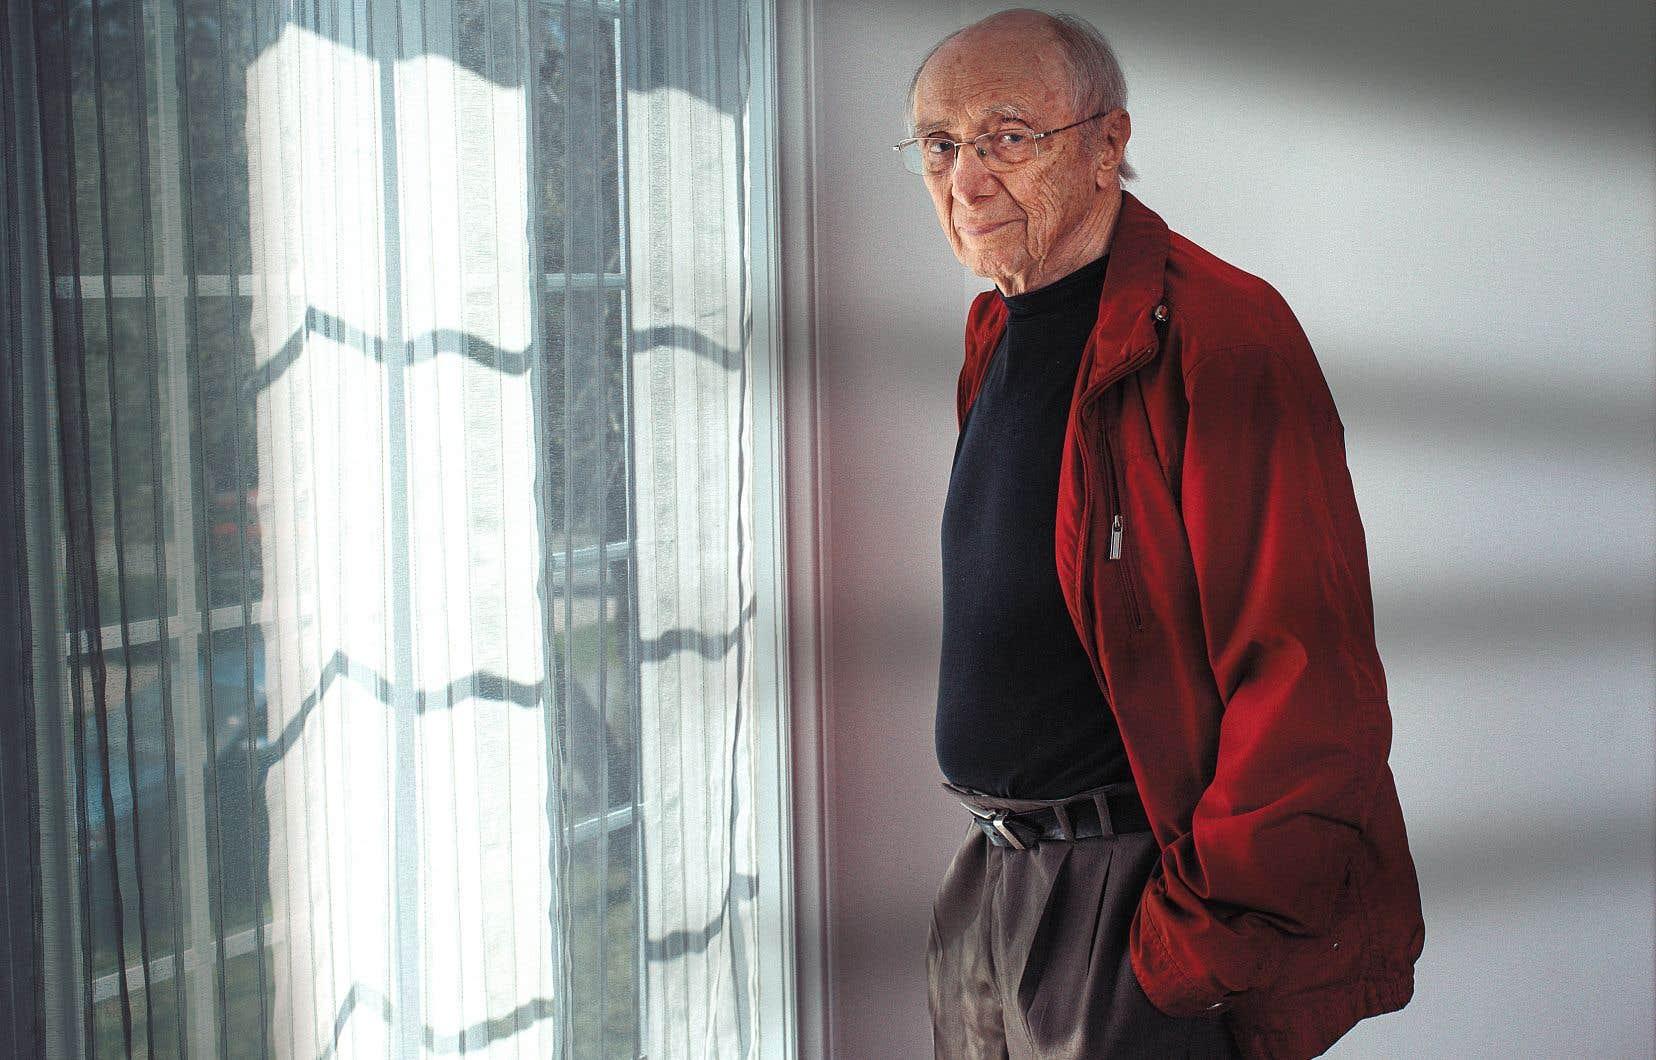 Réalisateur, producteur, scénariste et directeur de la photographie, Fernand Dansereau a une carrière qui s'étend sur plus de 60 ans, au cinéma et à la télévision. Il a notamment reçu le prix Albert-Tessier en 2005. Le cinéaste était aussi responsable de la production française à l'Office national du film dans les années 1960.